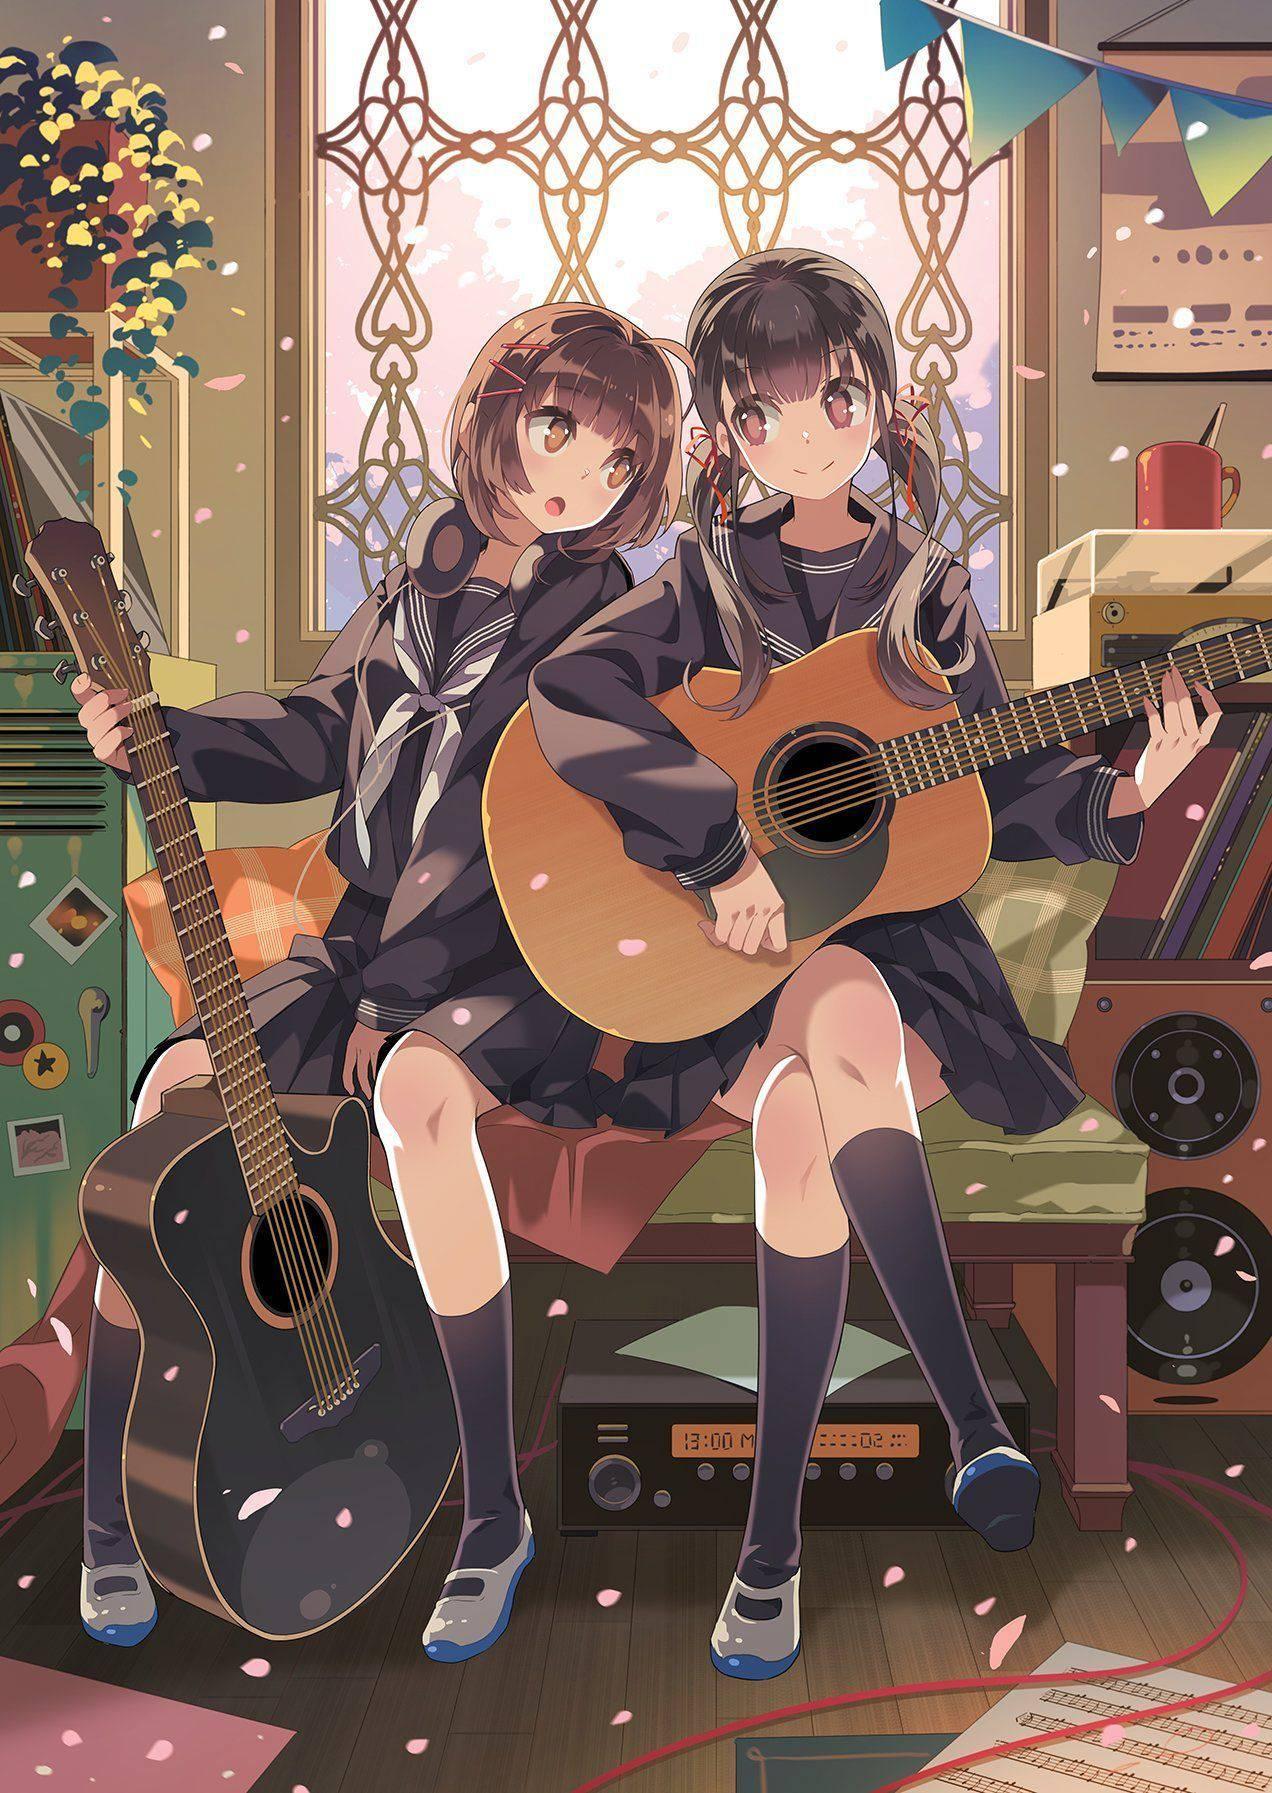 【サブカル好きそう】アコースティックギターと女の子の二次画像【17】